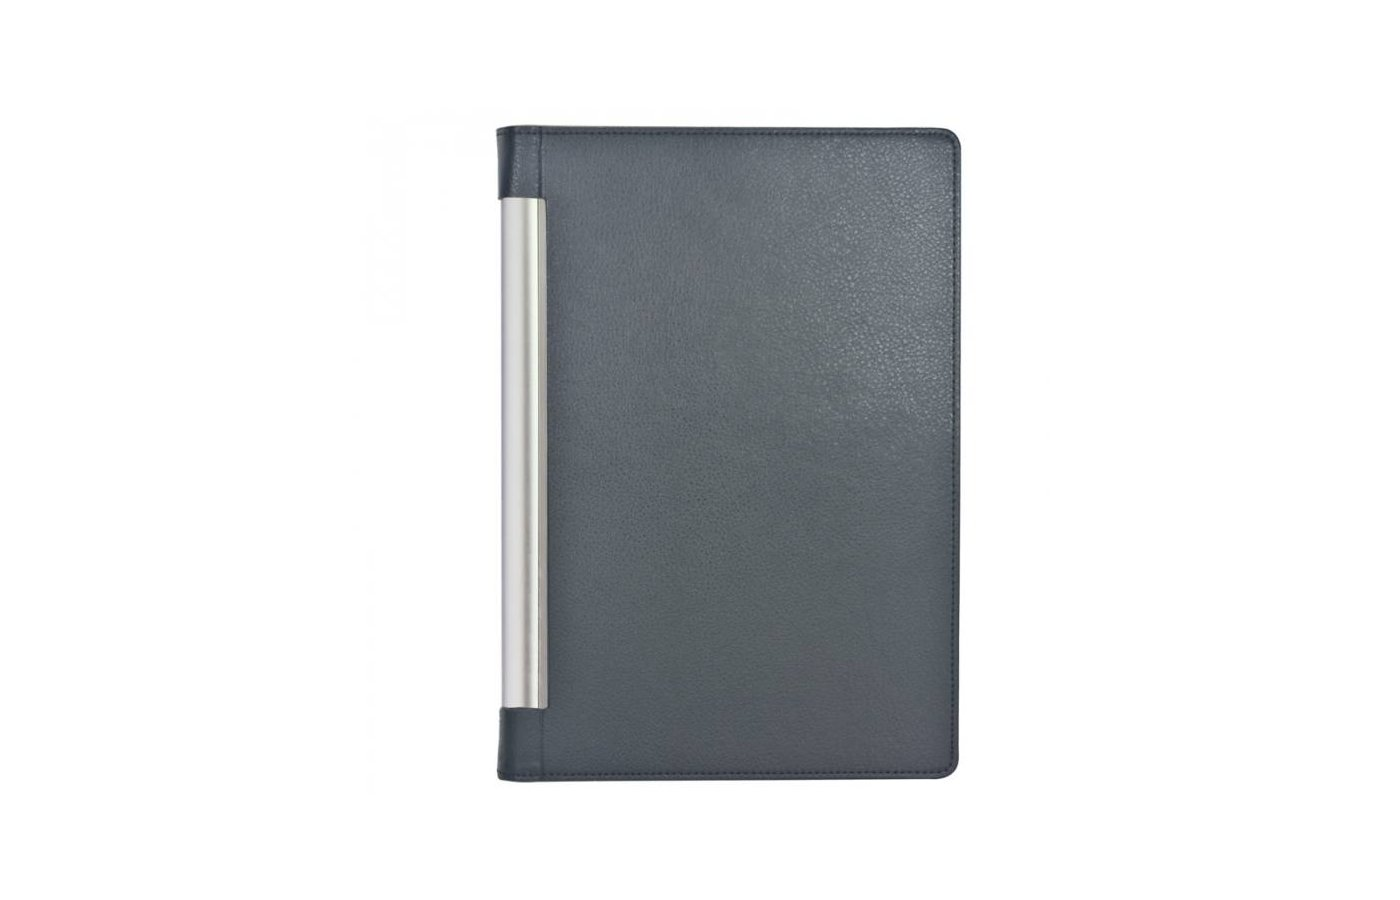 Чехол для планшетного ПК IT BAGGAGE для LENOVO Yoga Tablet 10 B8000 искус. кожа черный (ITLNY102-1)